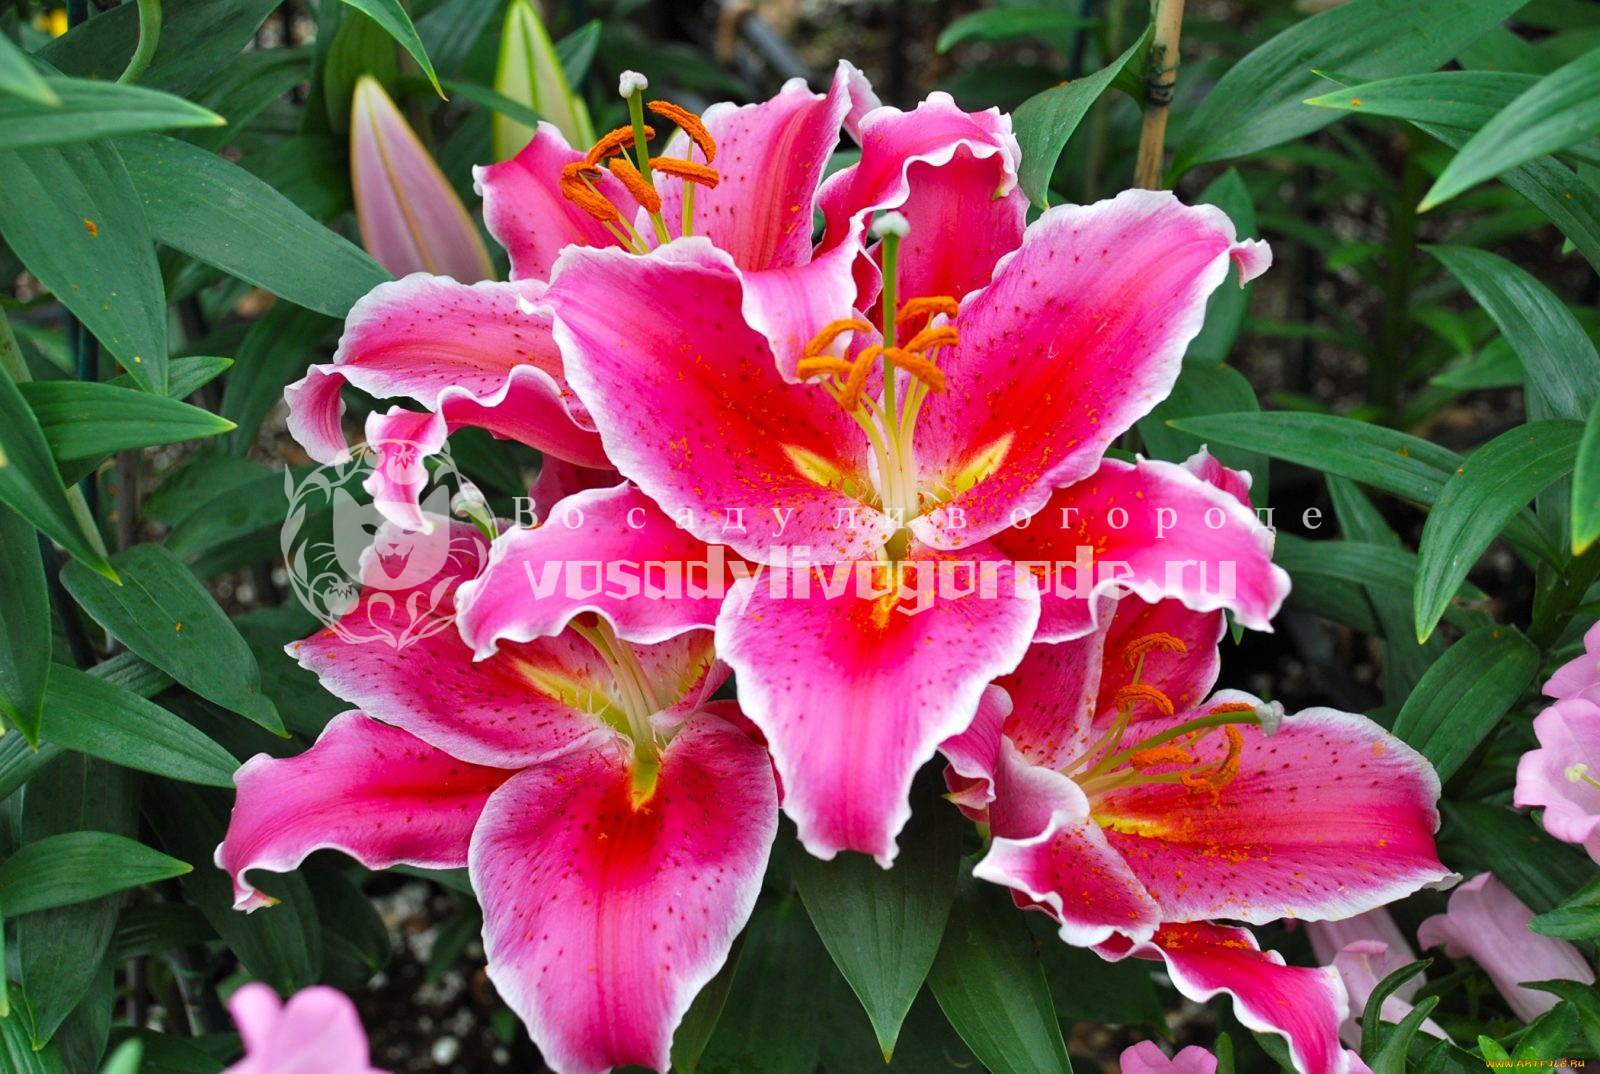 цветы, растения, уход, удобрение, полив